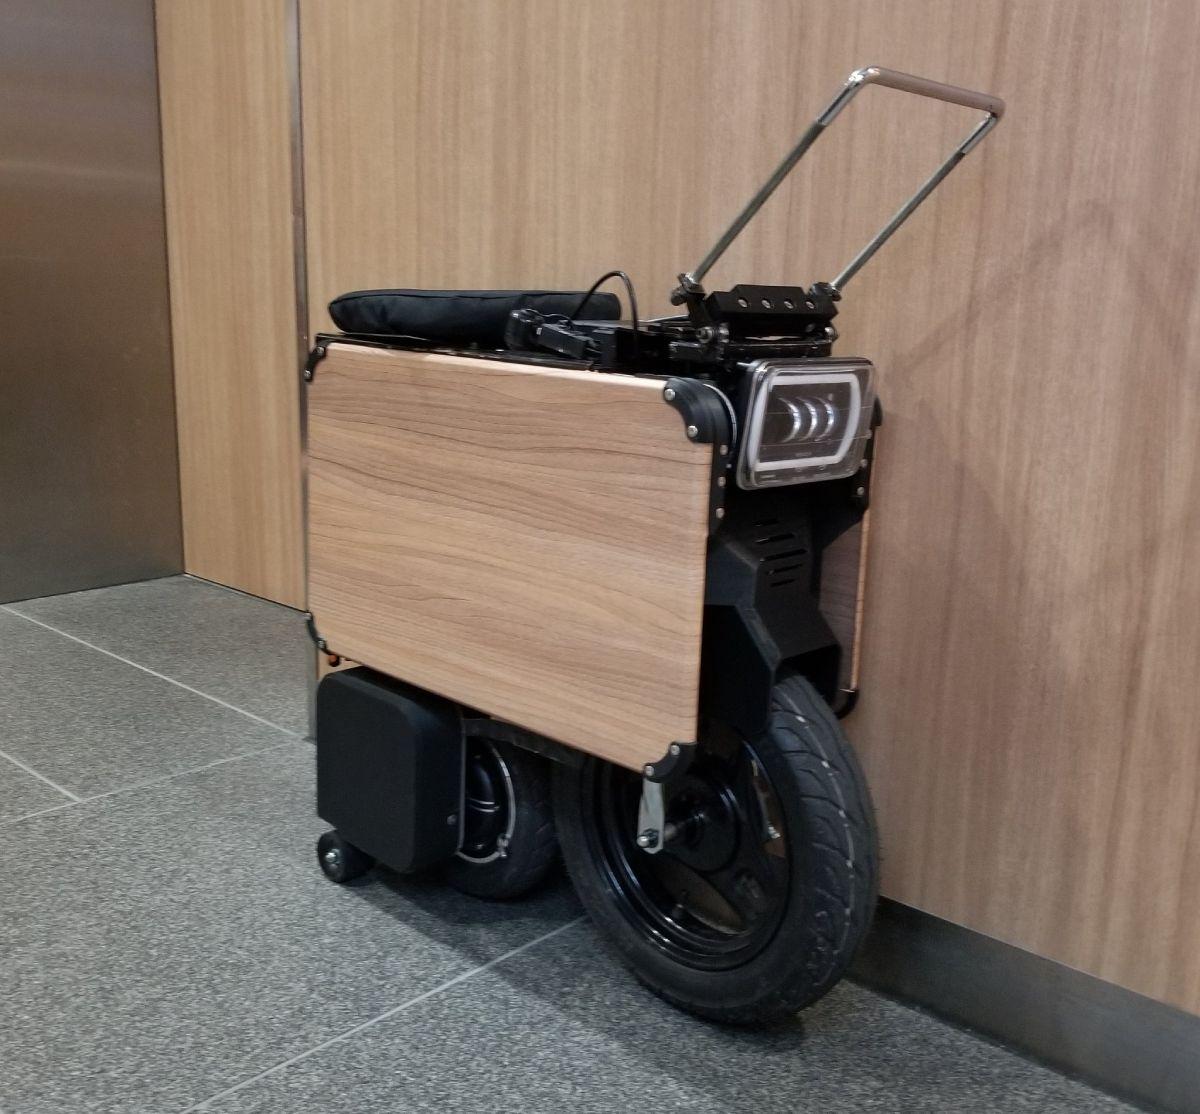 箱型だと70センチほどの空間容積になるタタメルバイク。これなら収納に苦労しません。